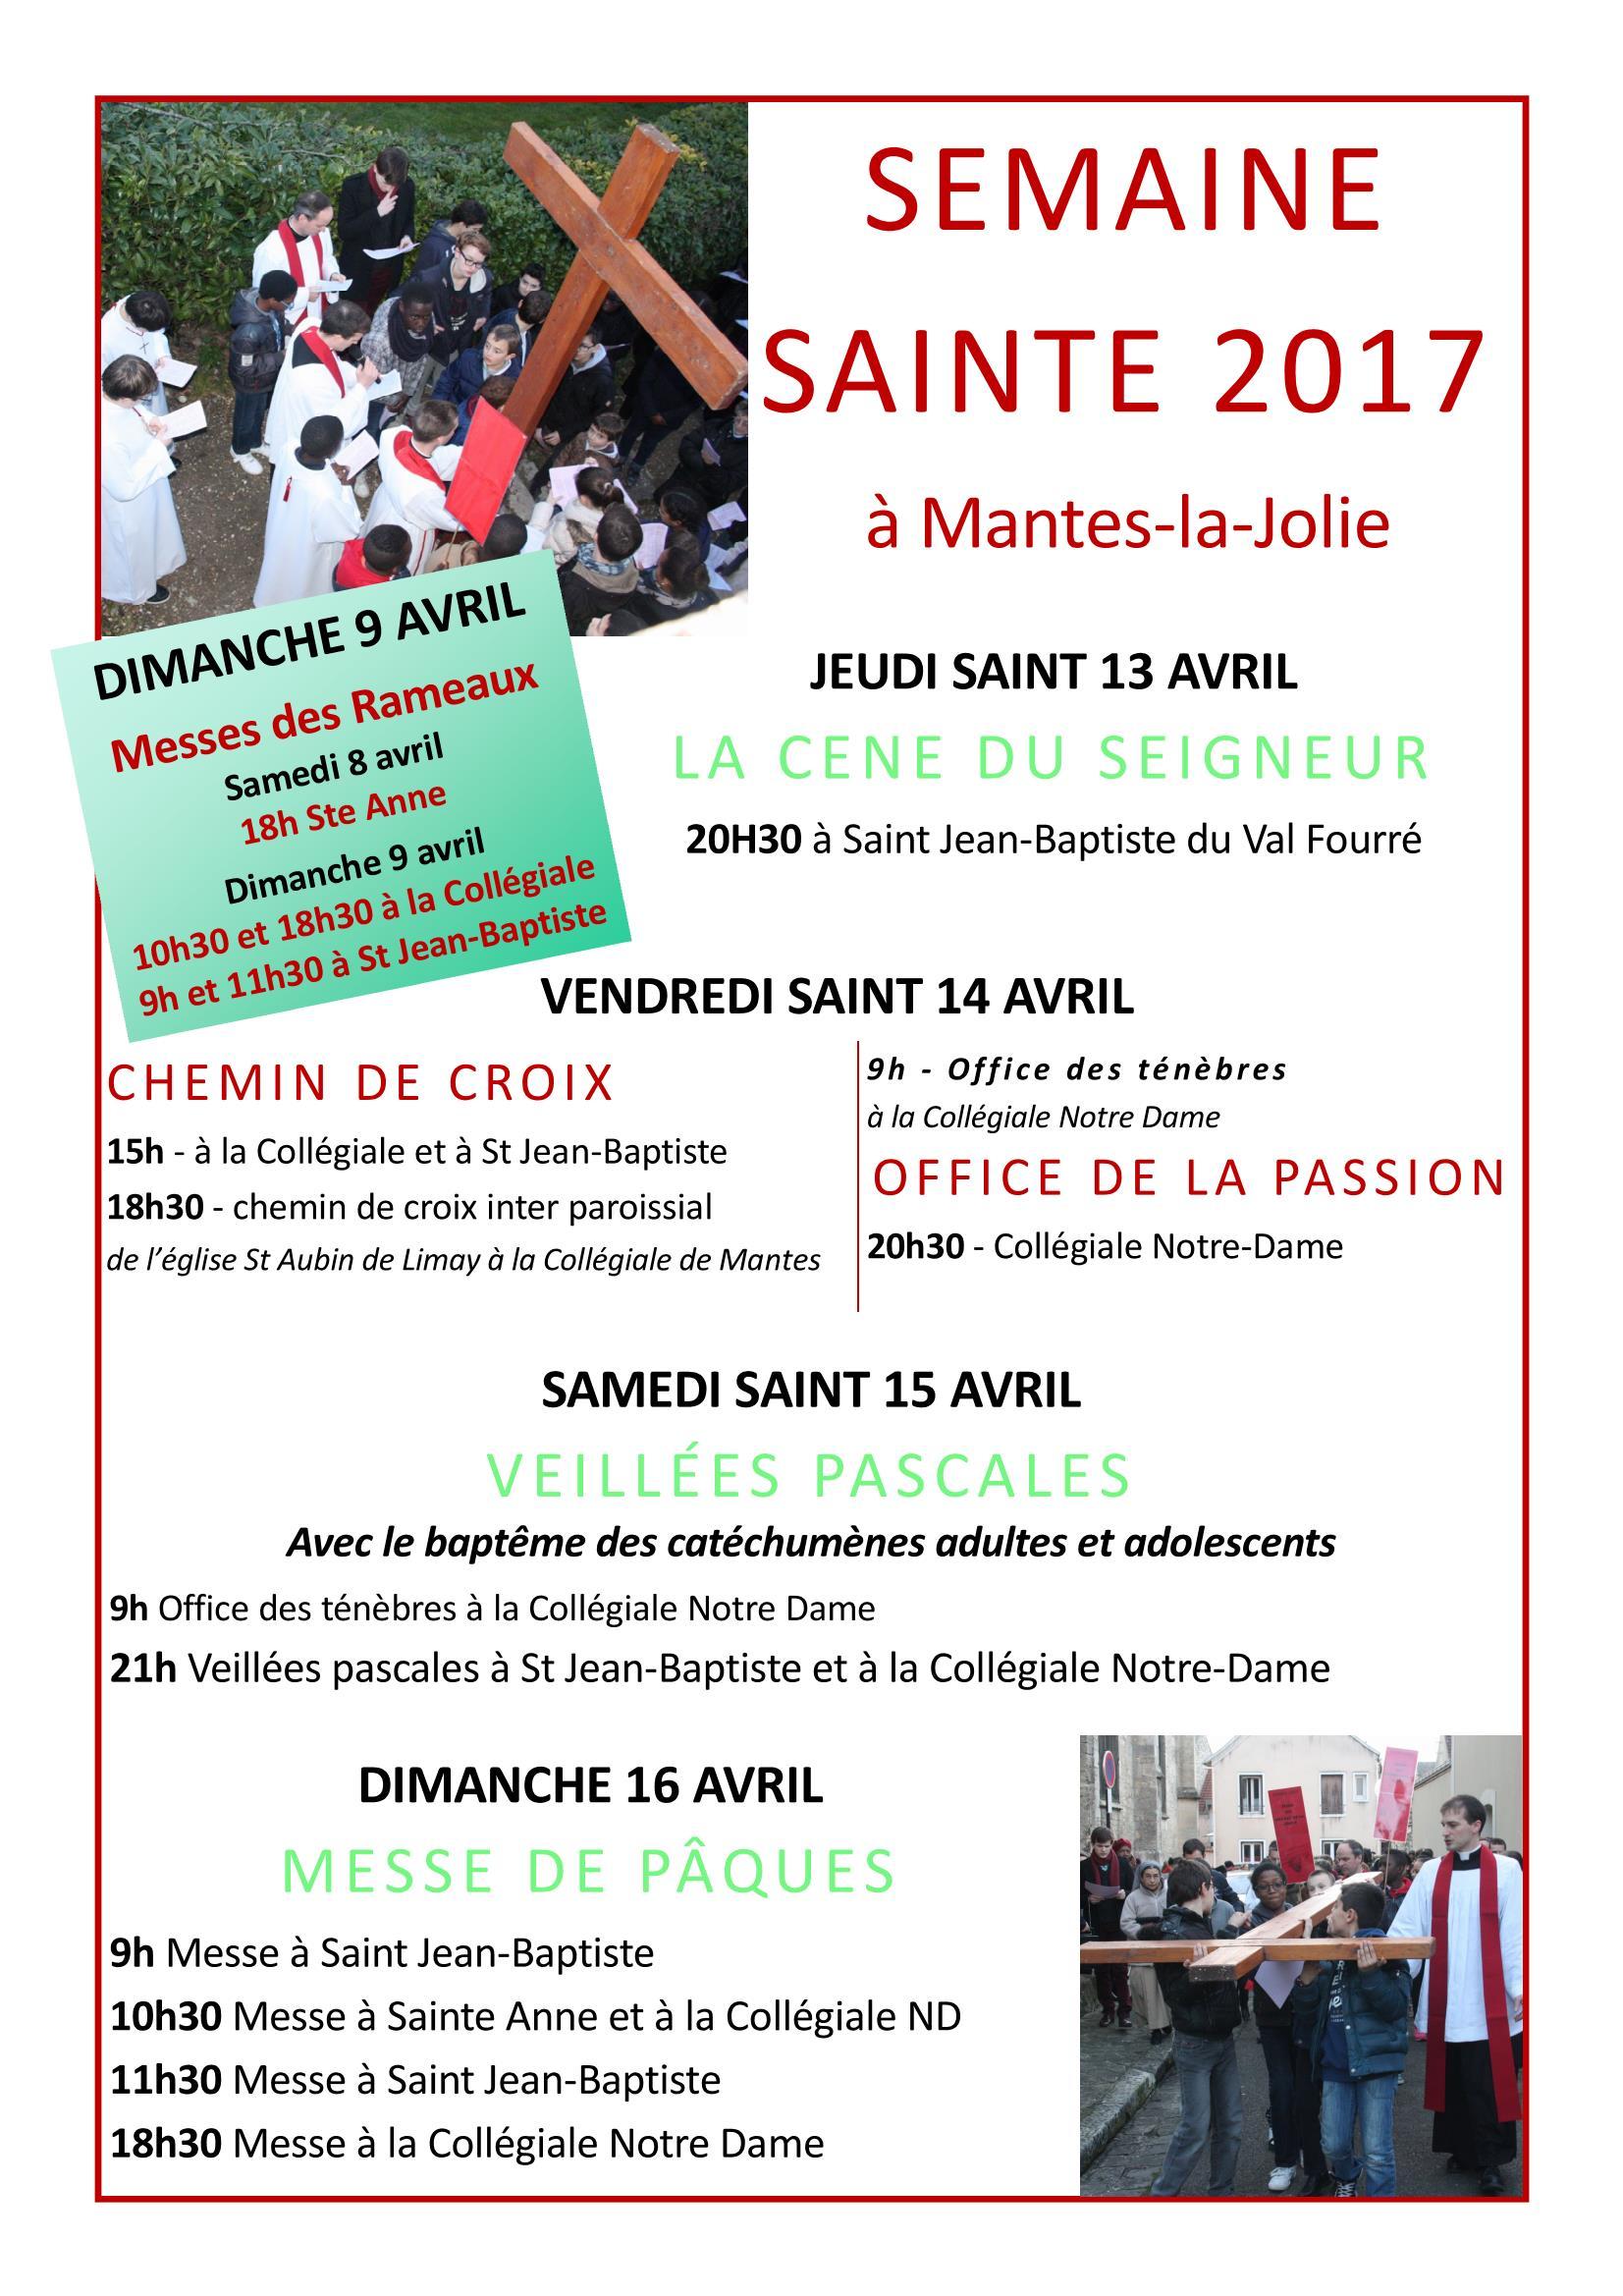 SEMAINE SAINTE 2017_Page_1